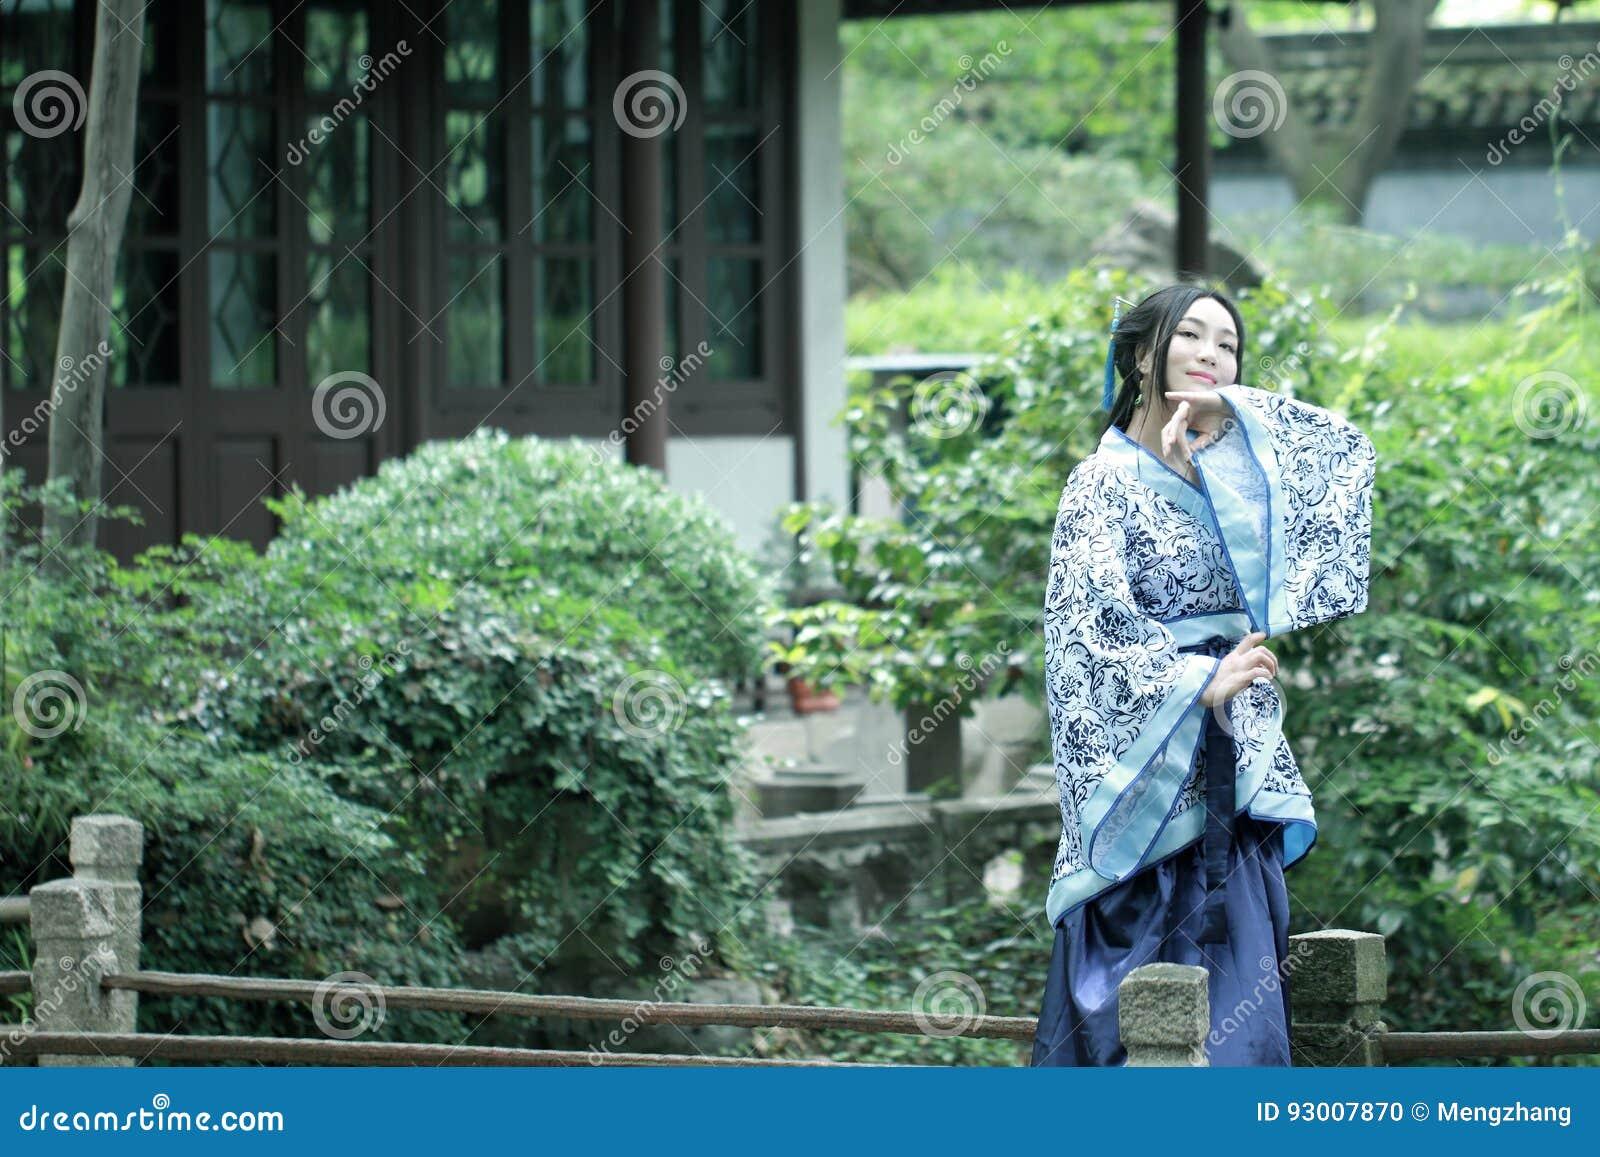 Κινεζική γυναίκα στο παραδοσιακό μπλε και άσπρο φόρεμα Hanfu ύφους πορσελάνης